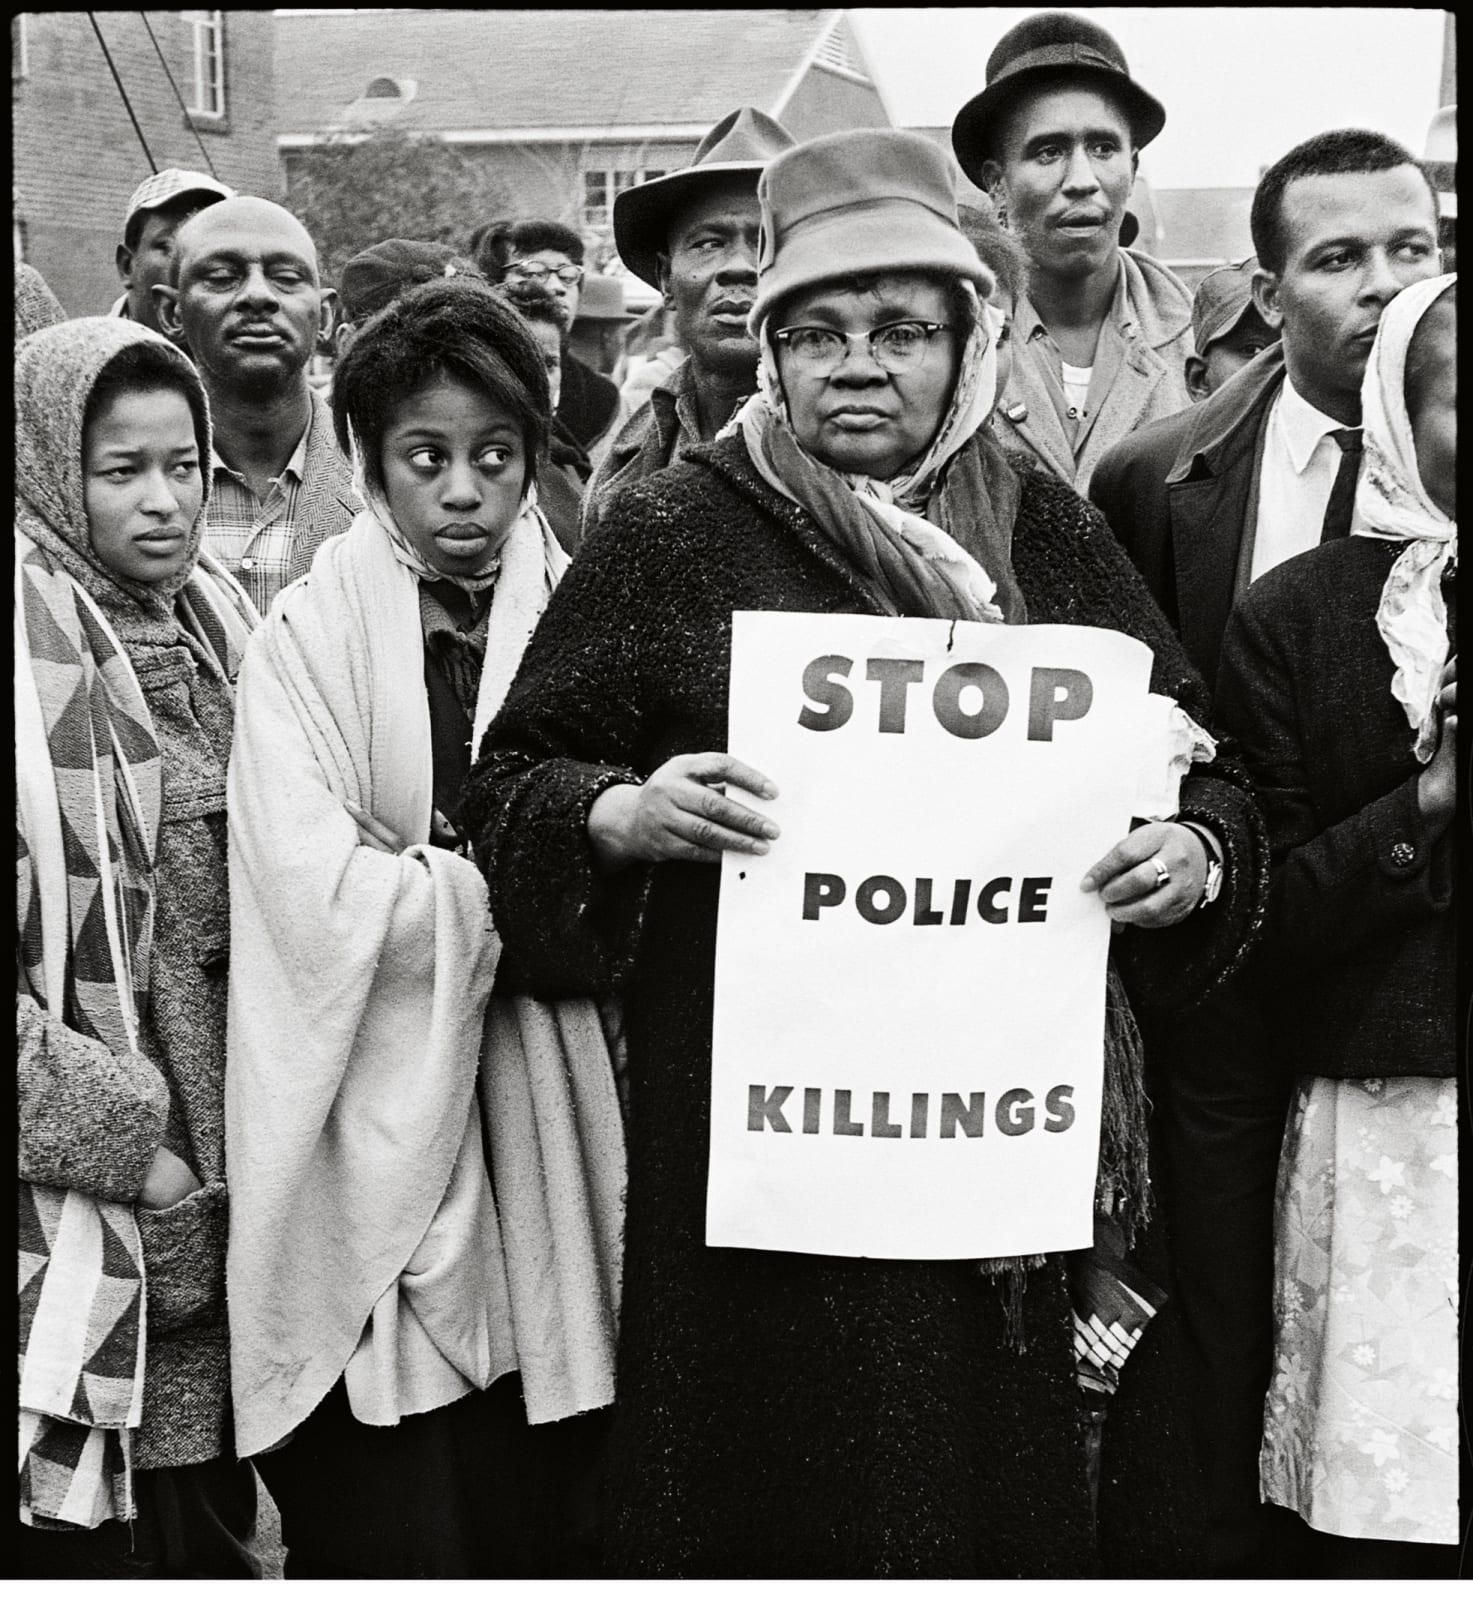 Steve Schapiro Stop Police Killings, Selma, 1965